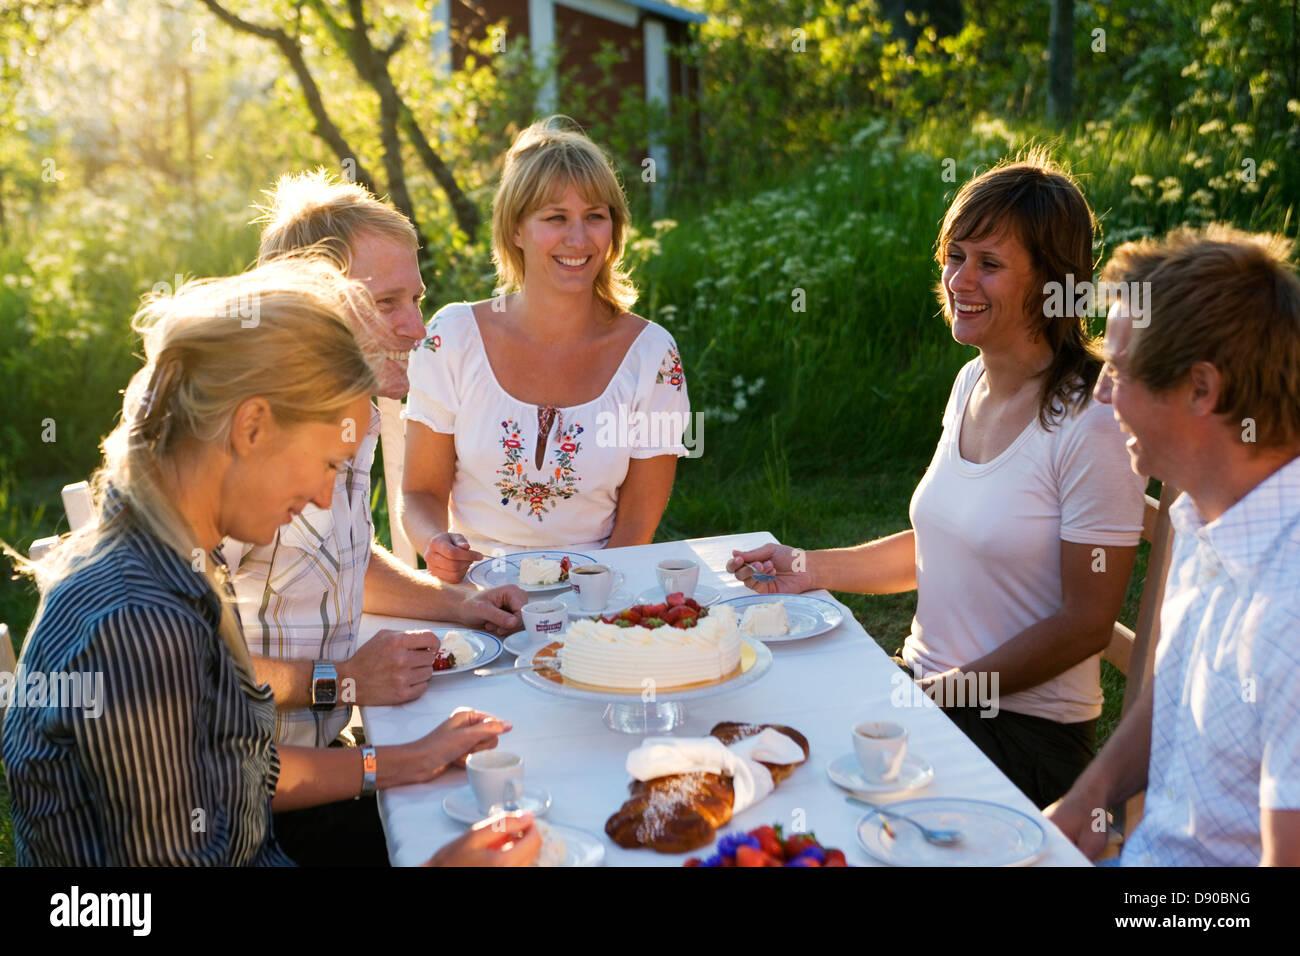 Five friends having a cake during midsummer, Stockholm archipelago, Sweden. Stock Photo